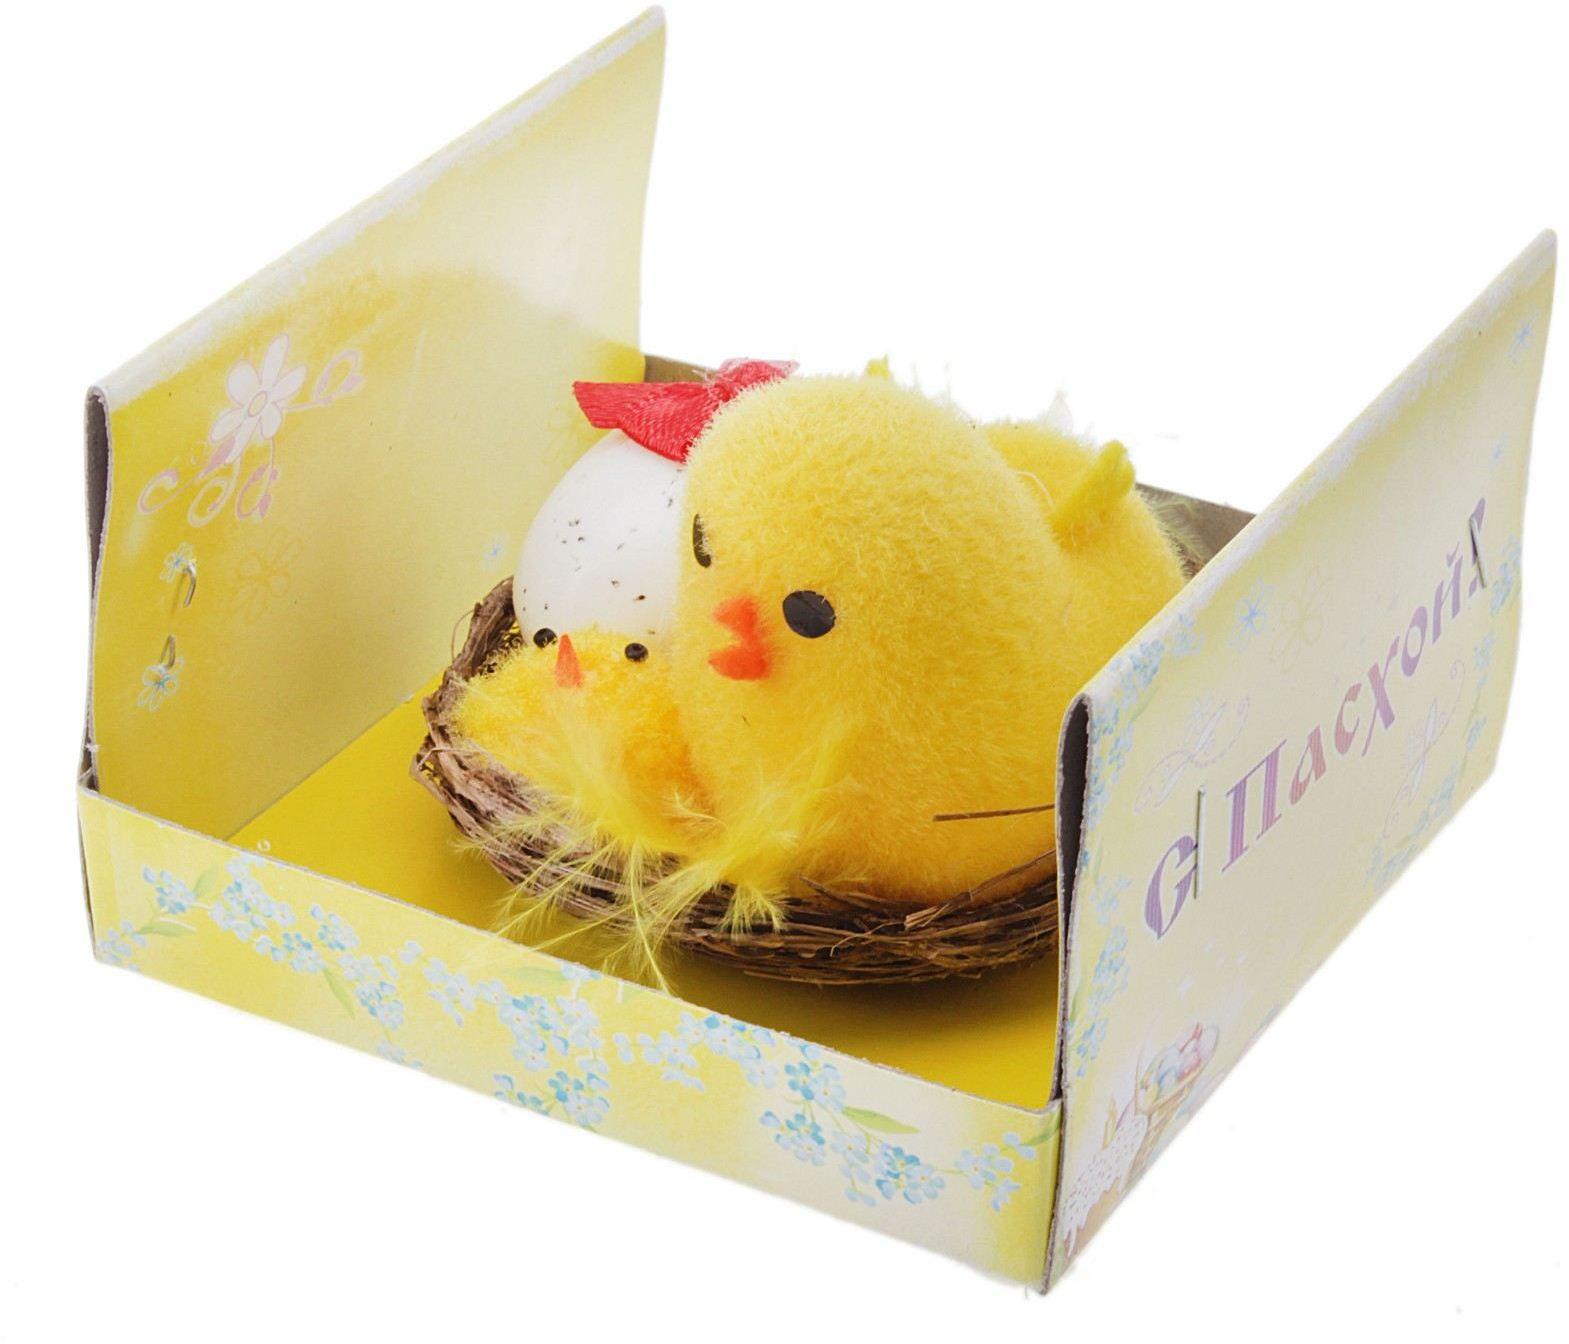 Сувенир пасхальный Sima-land Цыпа в корзинке с цыпленком и яйцом, высота 5 см10850/1W GOLD IVORYКаждый год вместе с весной в наш дом приходит светлый и добрый праздник - Пасха. Приготовления к этому дню начинаются заранее: нужно испечь куличи, покрасить яйца, составить праздничное меню, убрать дом и украсить его к празднику.Не забывайте о пасхальных атрибутах, они принесут удачу в этот светлый день. Сувенир Цыпа в корзинке с цыплёнком и яйцом является символом доброй семьи, защищённой любви и рождением чего-то нового.